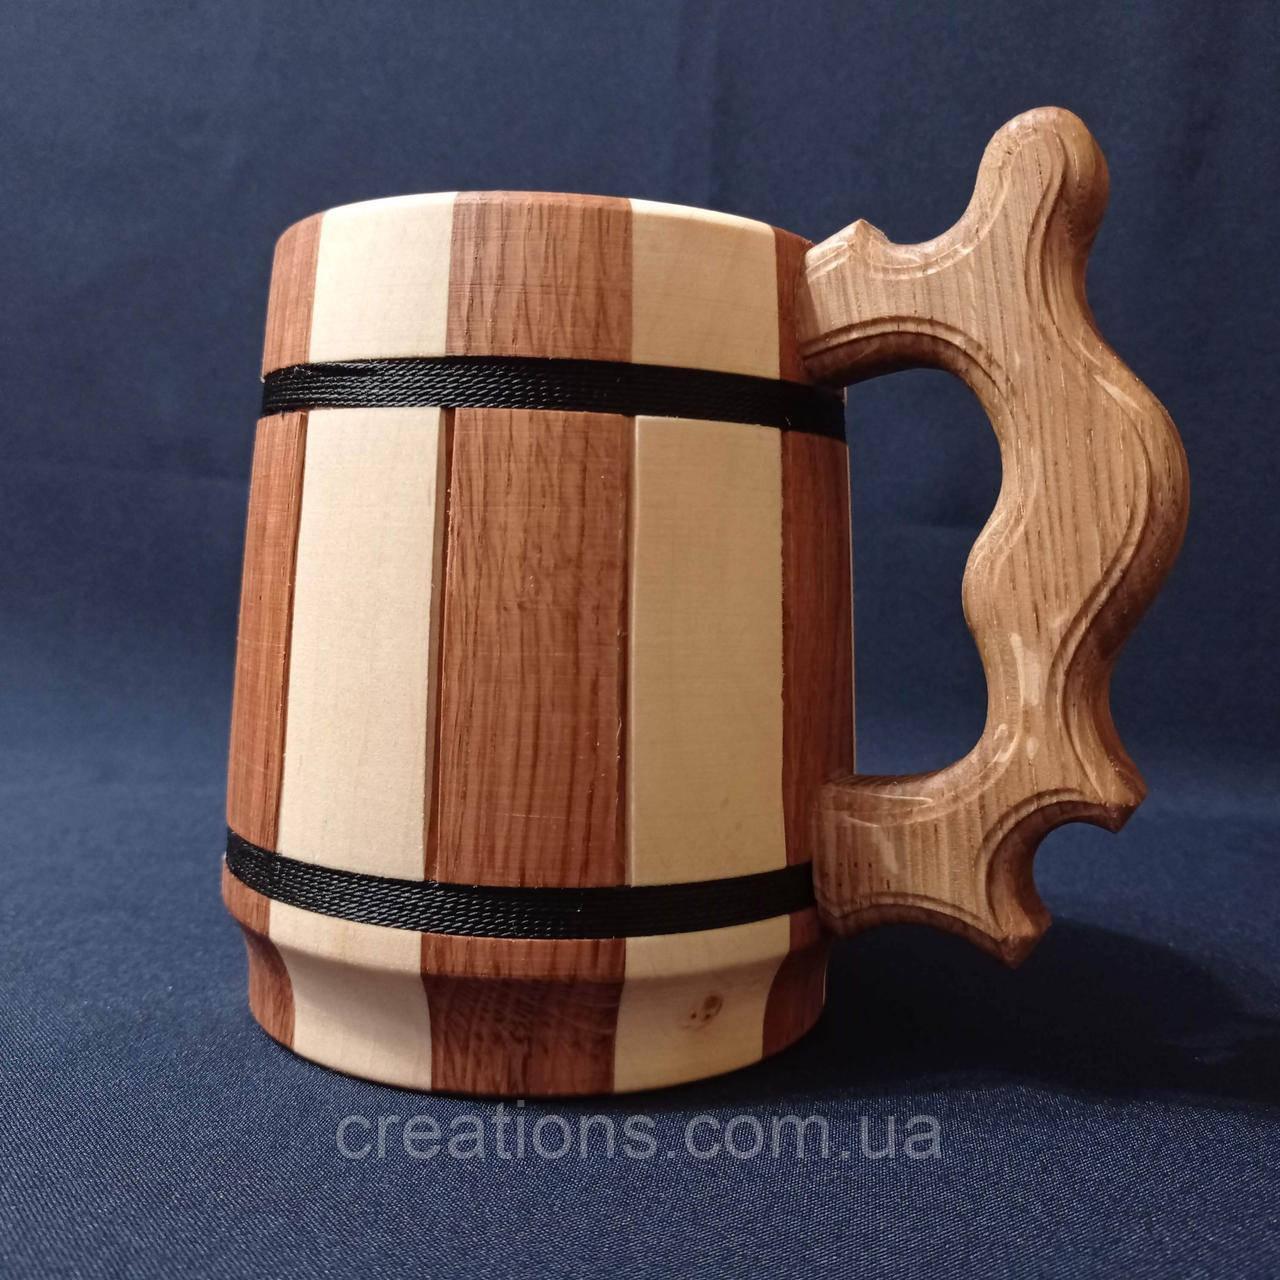 Деревянный бокал, металлическая вставка, пивная кружка, из двух пород дерева